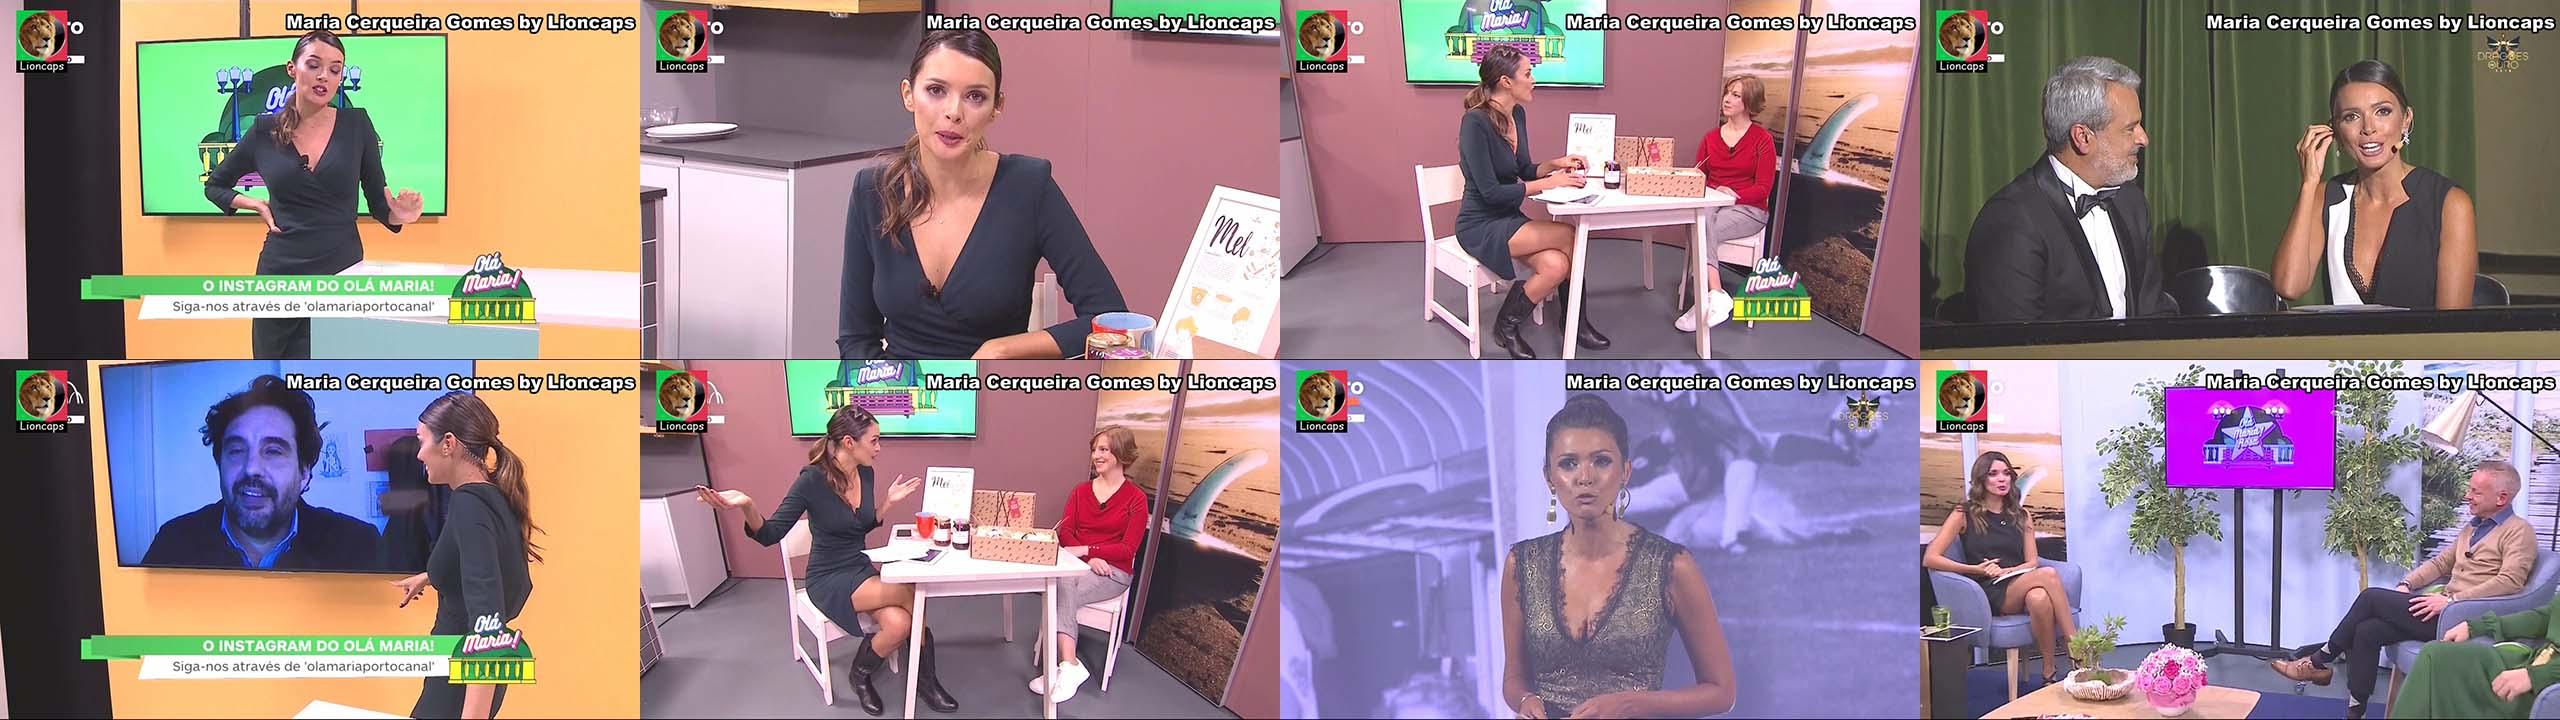 501384854_maria_cerqueira_gomes_porto_1080_lioncaps_15_12_2018_01_122_514lo.jpg